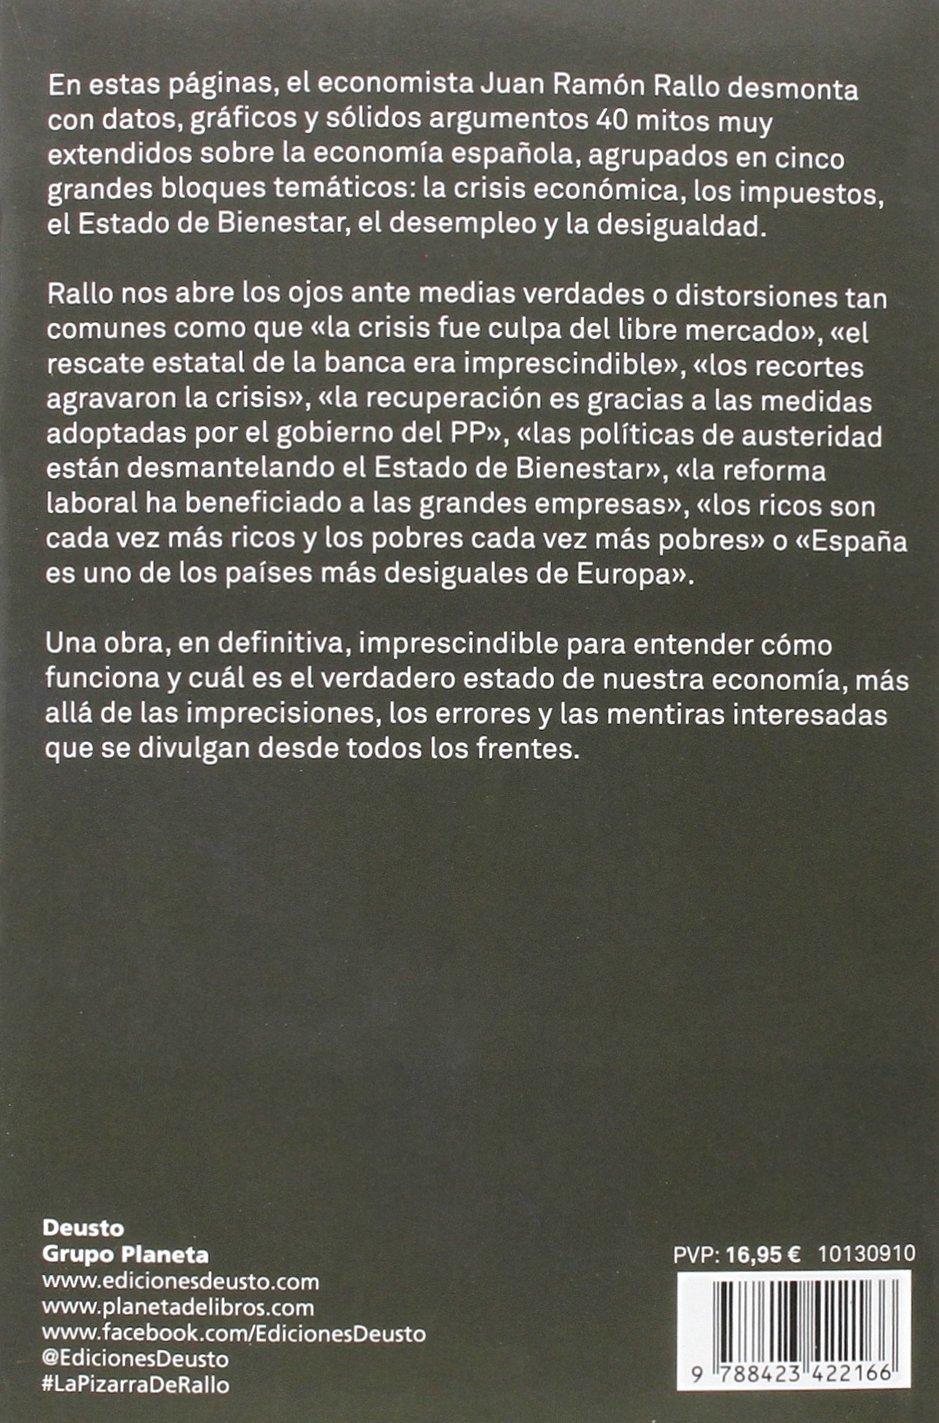 La Pizarra De Juan Ramon Rallo Los 40 Mitos De La Economia Espanola